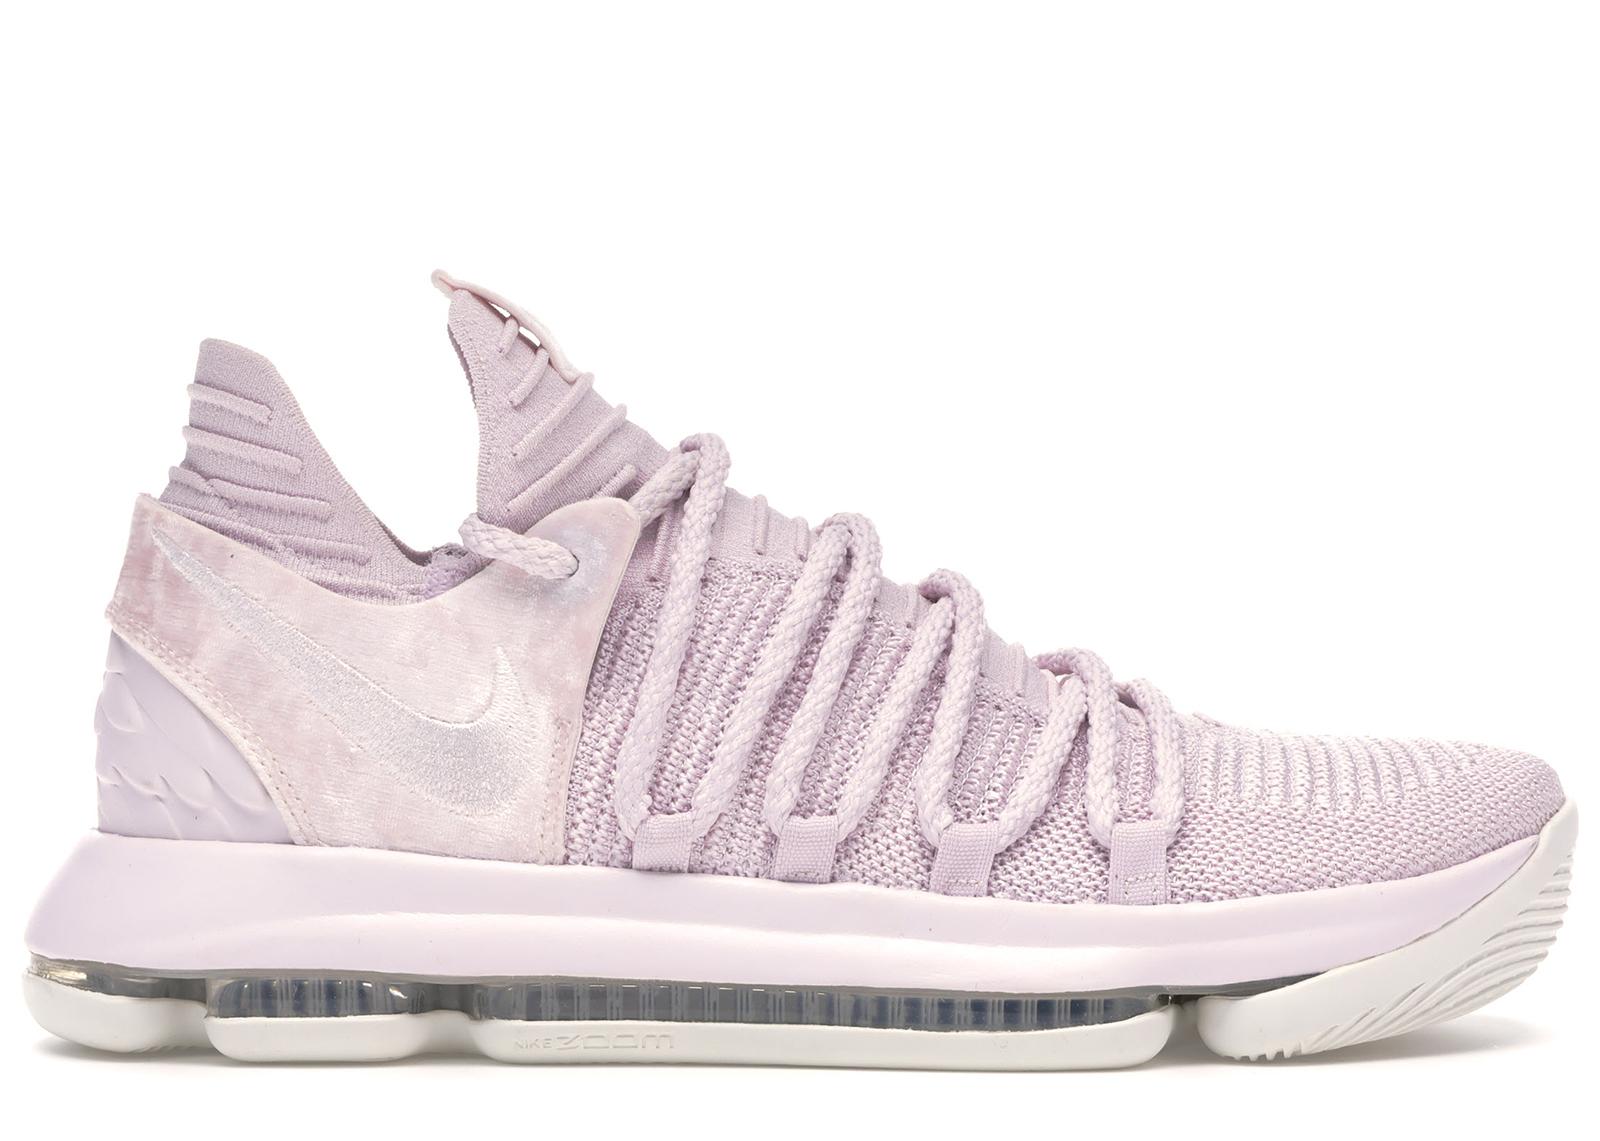 Nike KD 10 Aunt Pearl - AQ4110-600